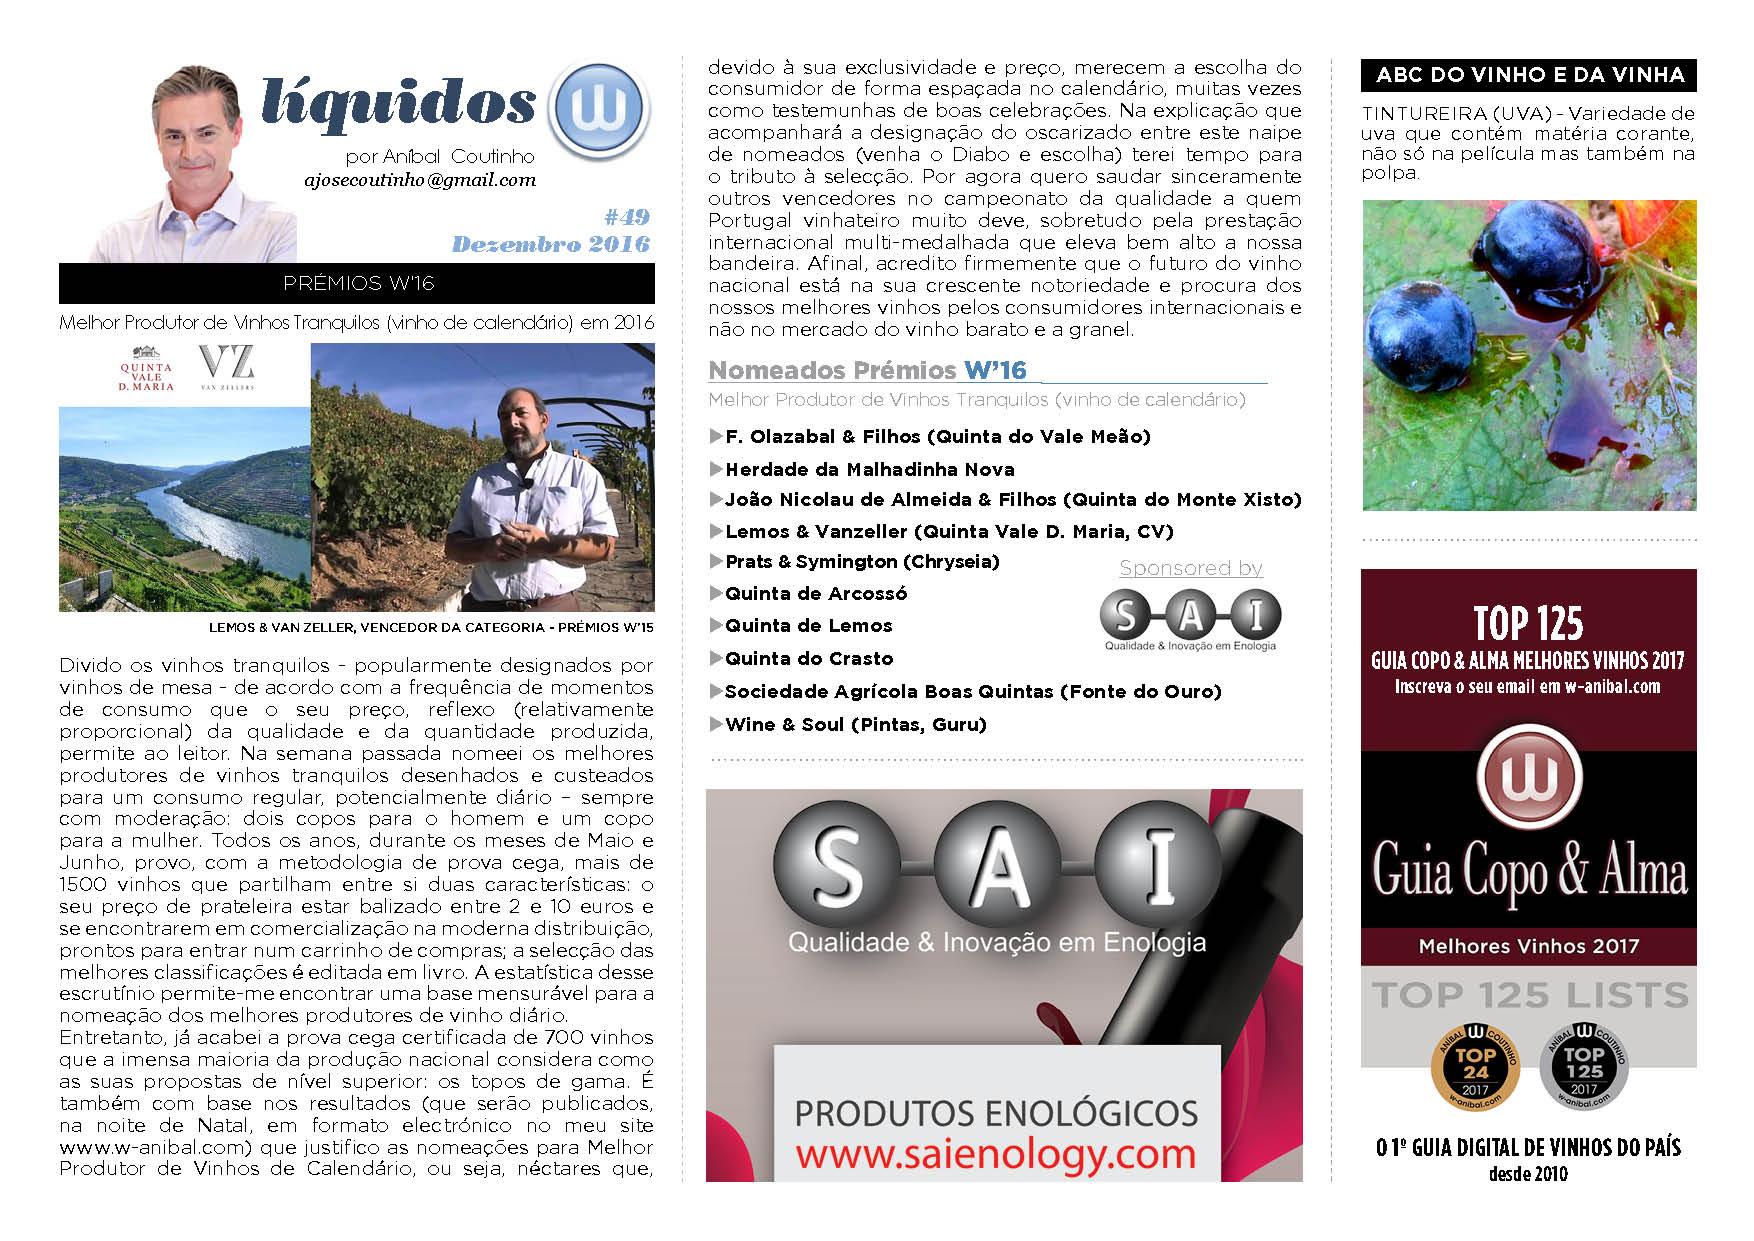 Newsletter #49